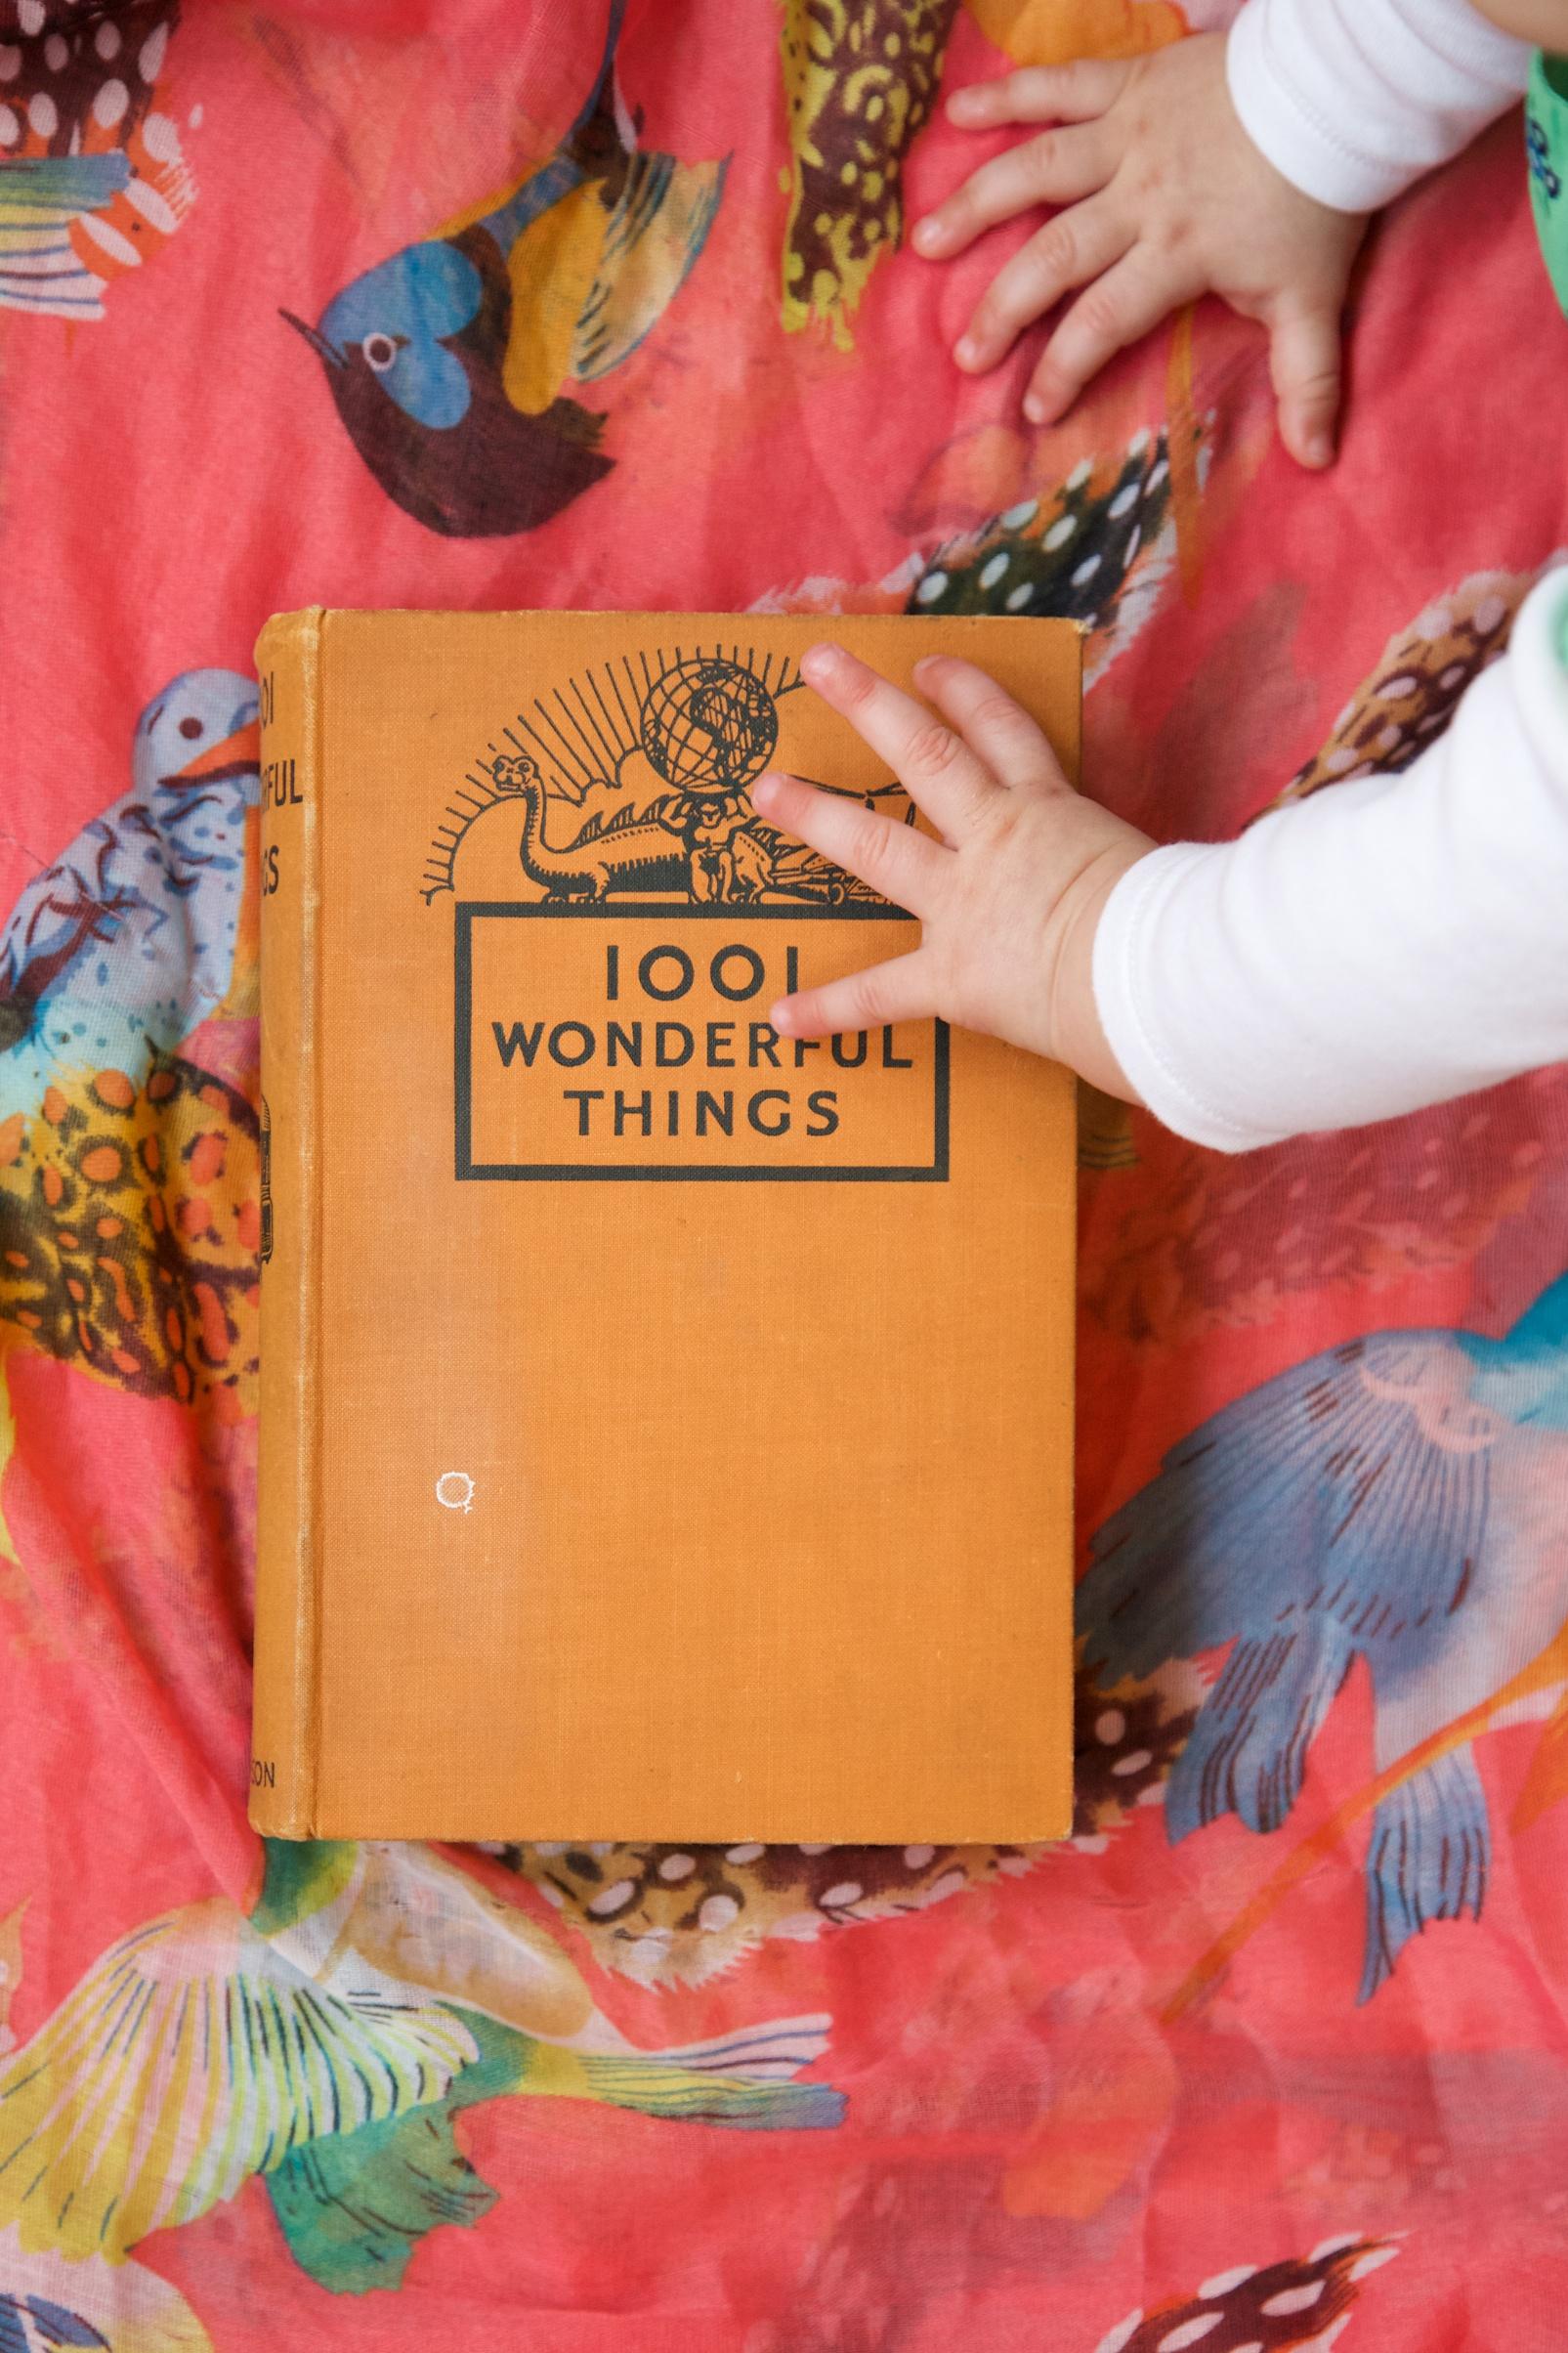 1001 Wonderful Things